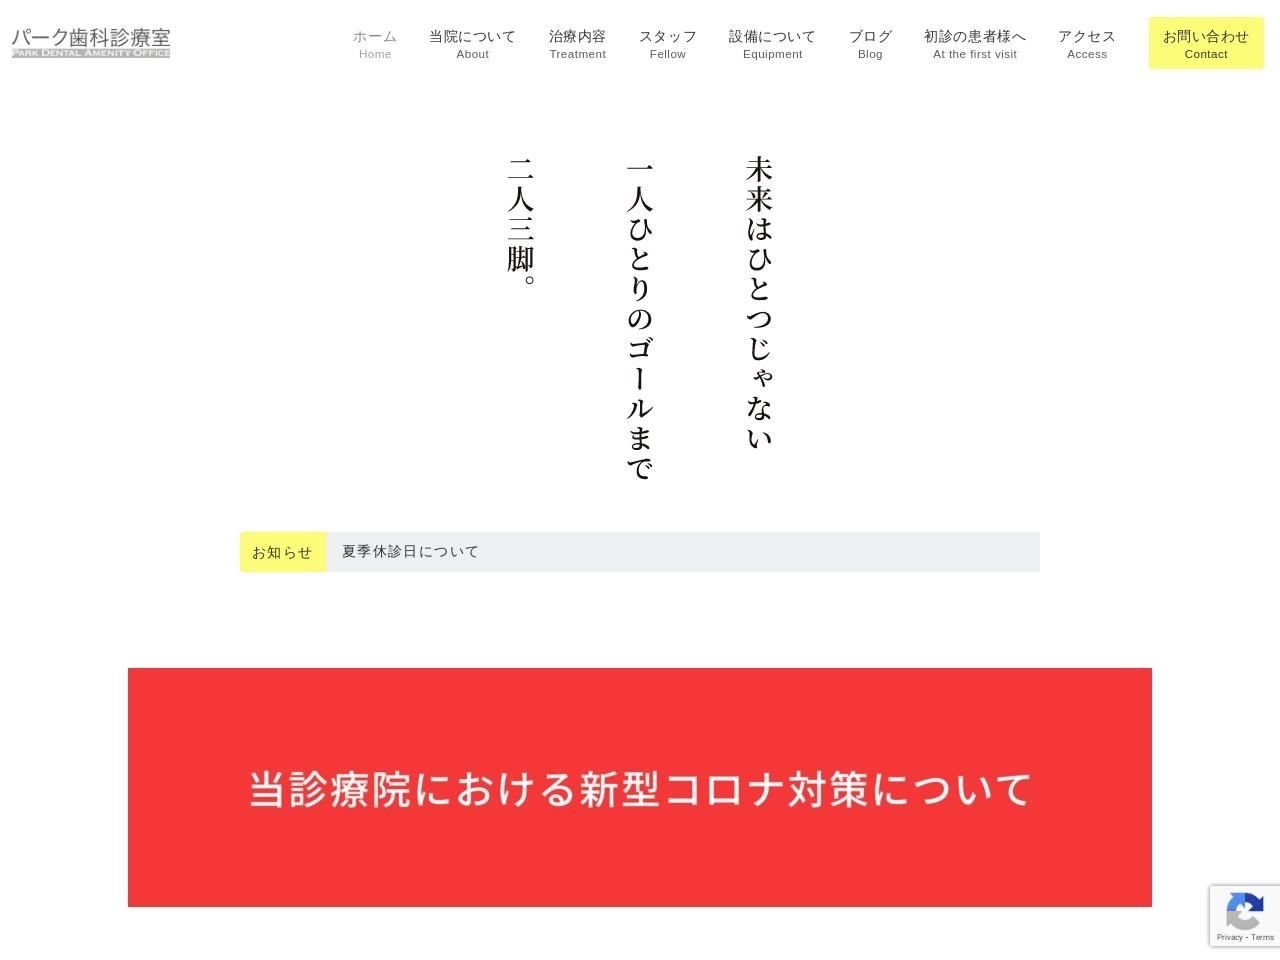 医療法人社団真星会  パーク歯科診療室 (北海道札幌市南区)